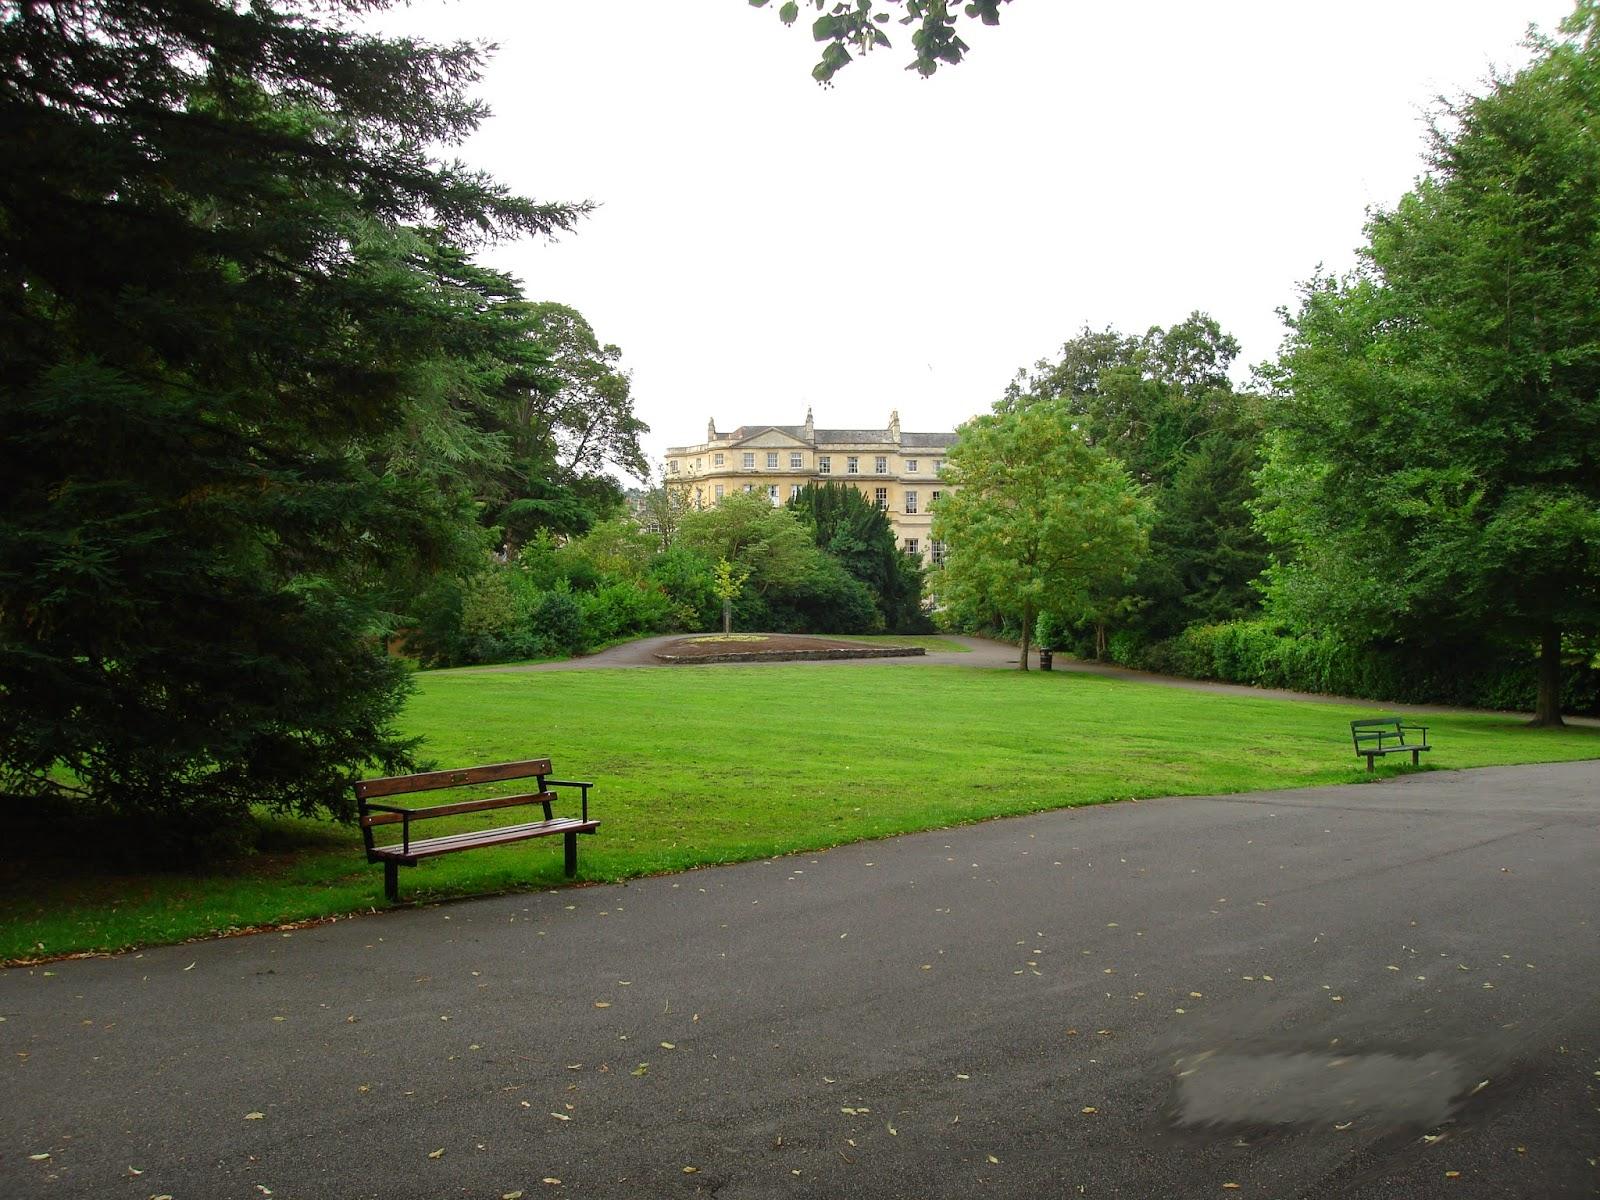 Sydney Gardens, Bath, England